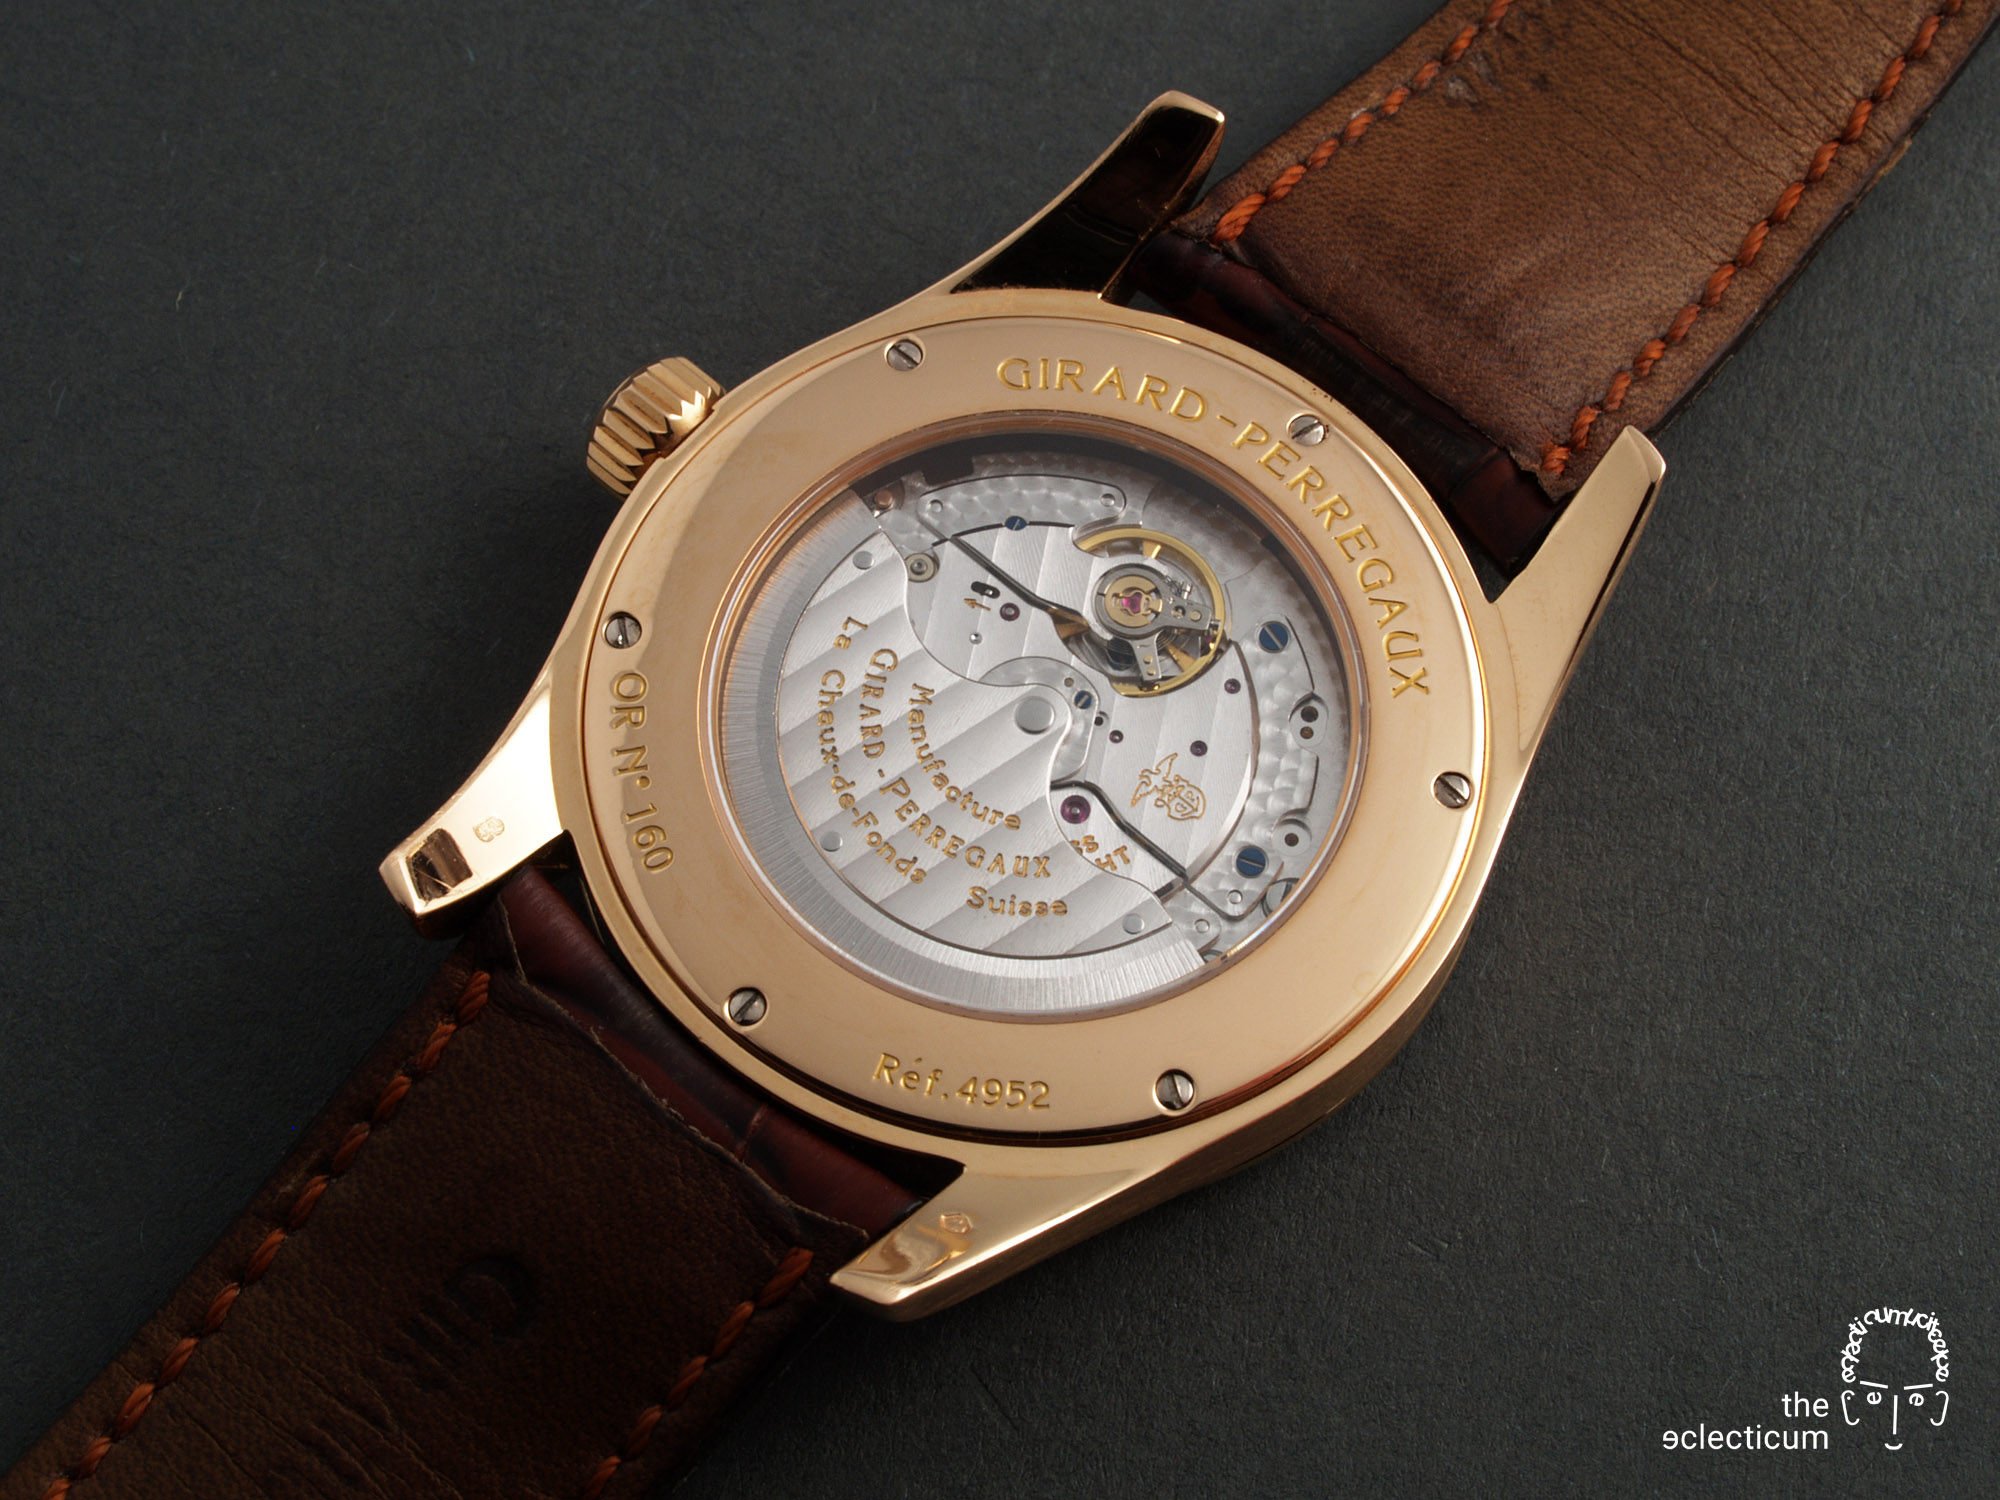 Girard-Perregaux Classique Elegance Ref. 49520 manufacture rose gold in-house caseback GP3300